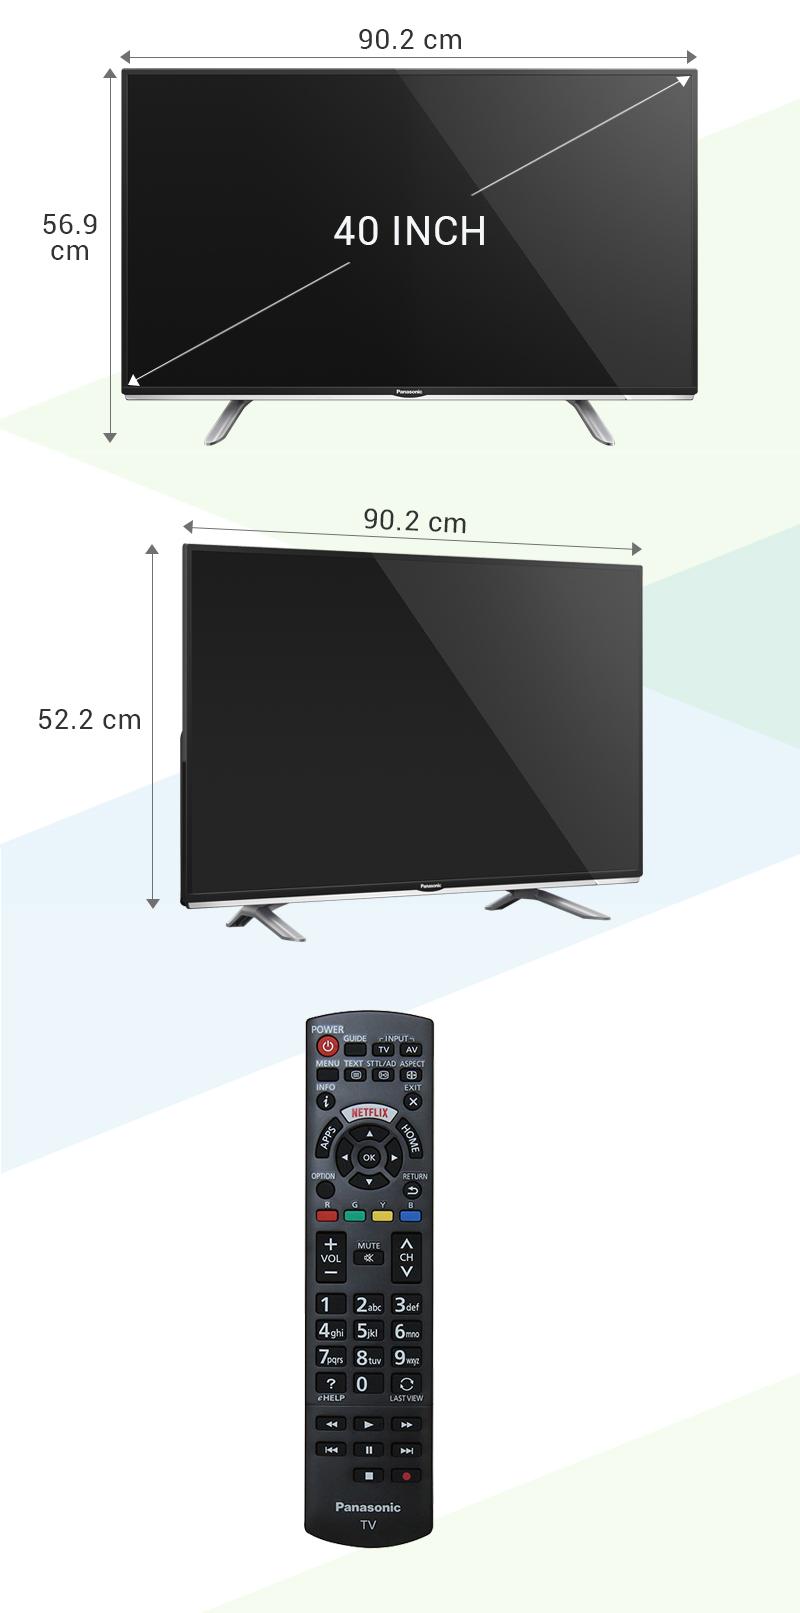 Smart Tivi Panasonic 40 inch TH-40DS500V - Kích thước tivi